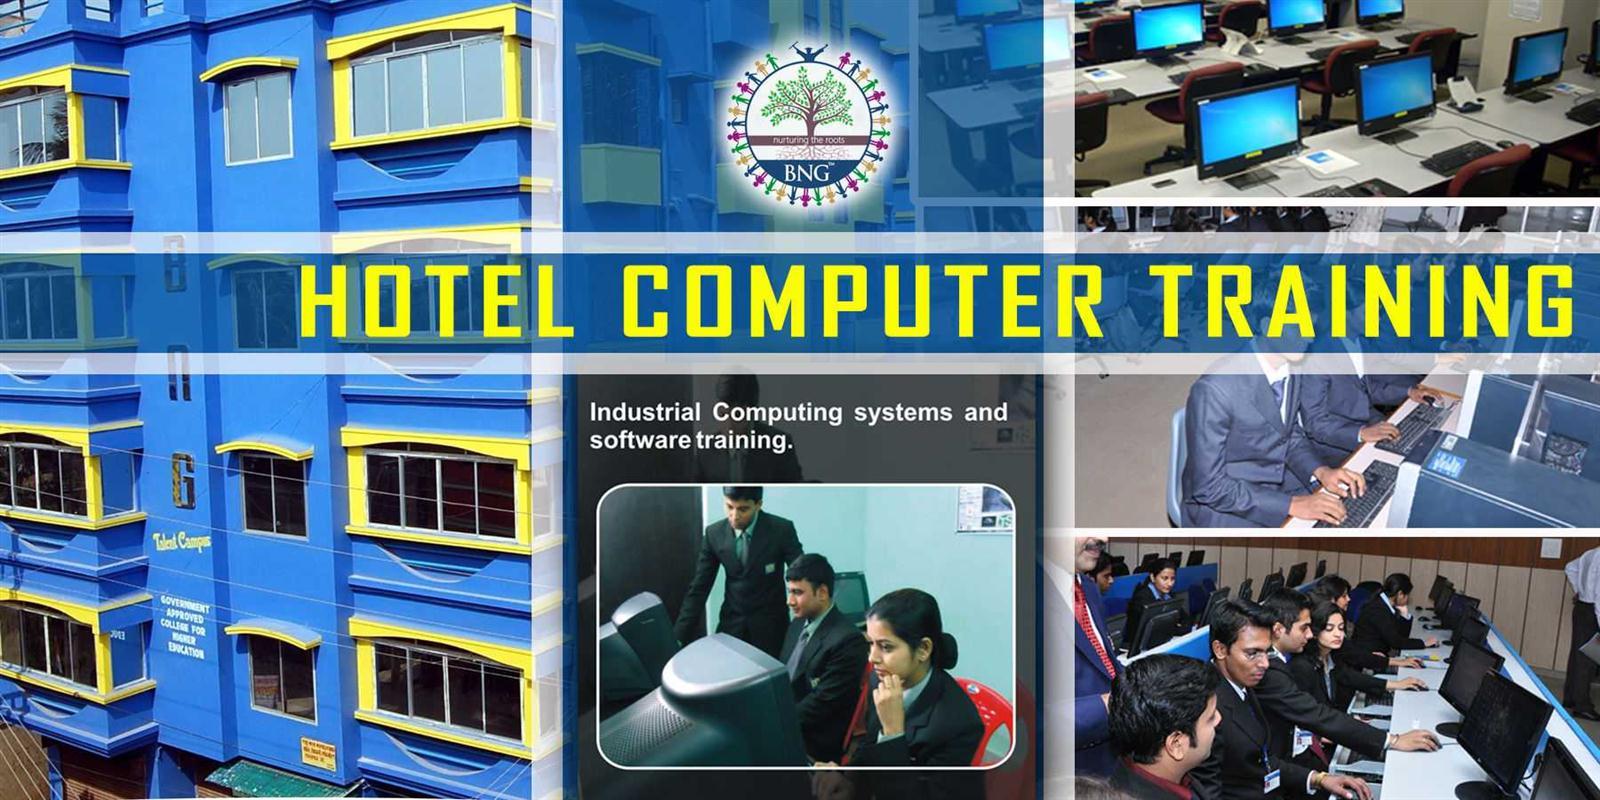 hotel computer training at BNG Hotel management kolkata